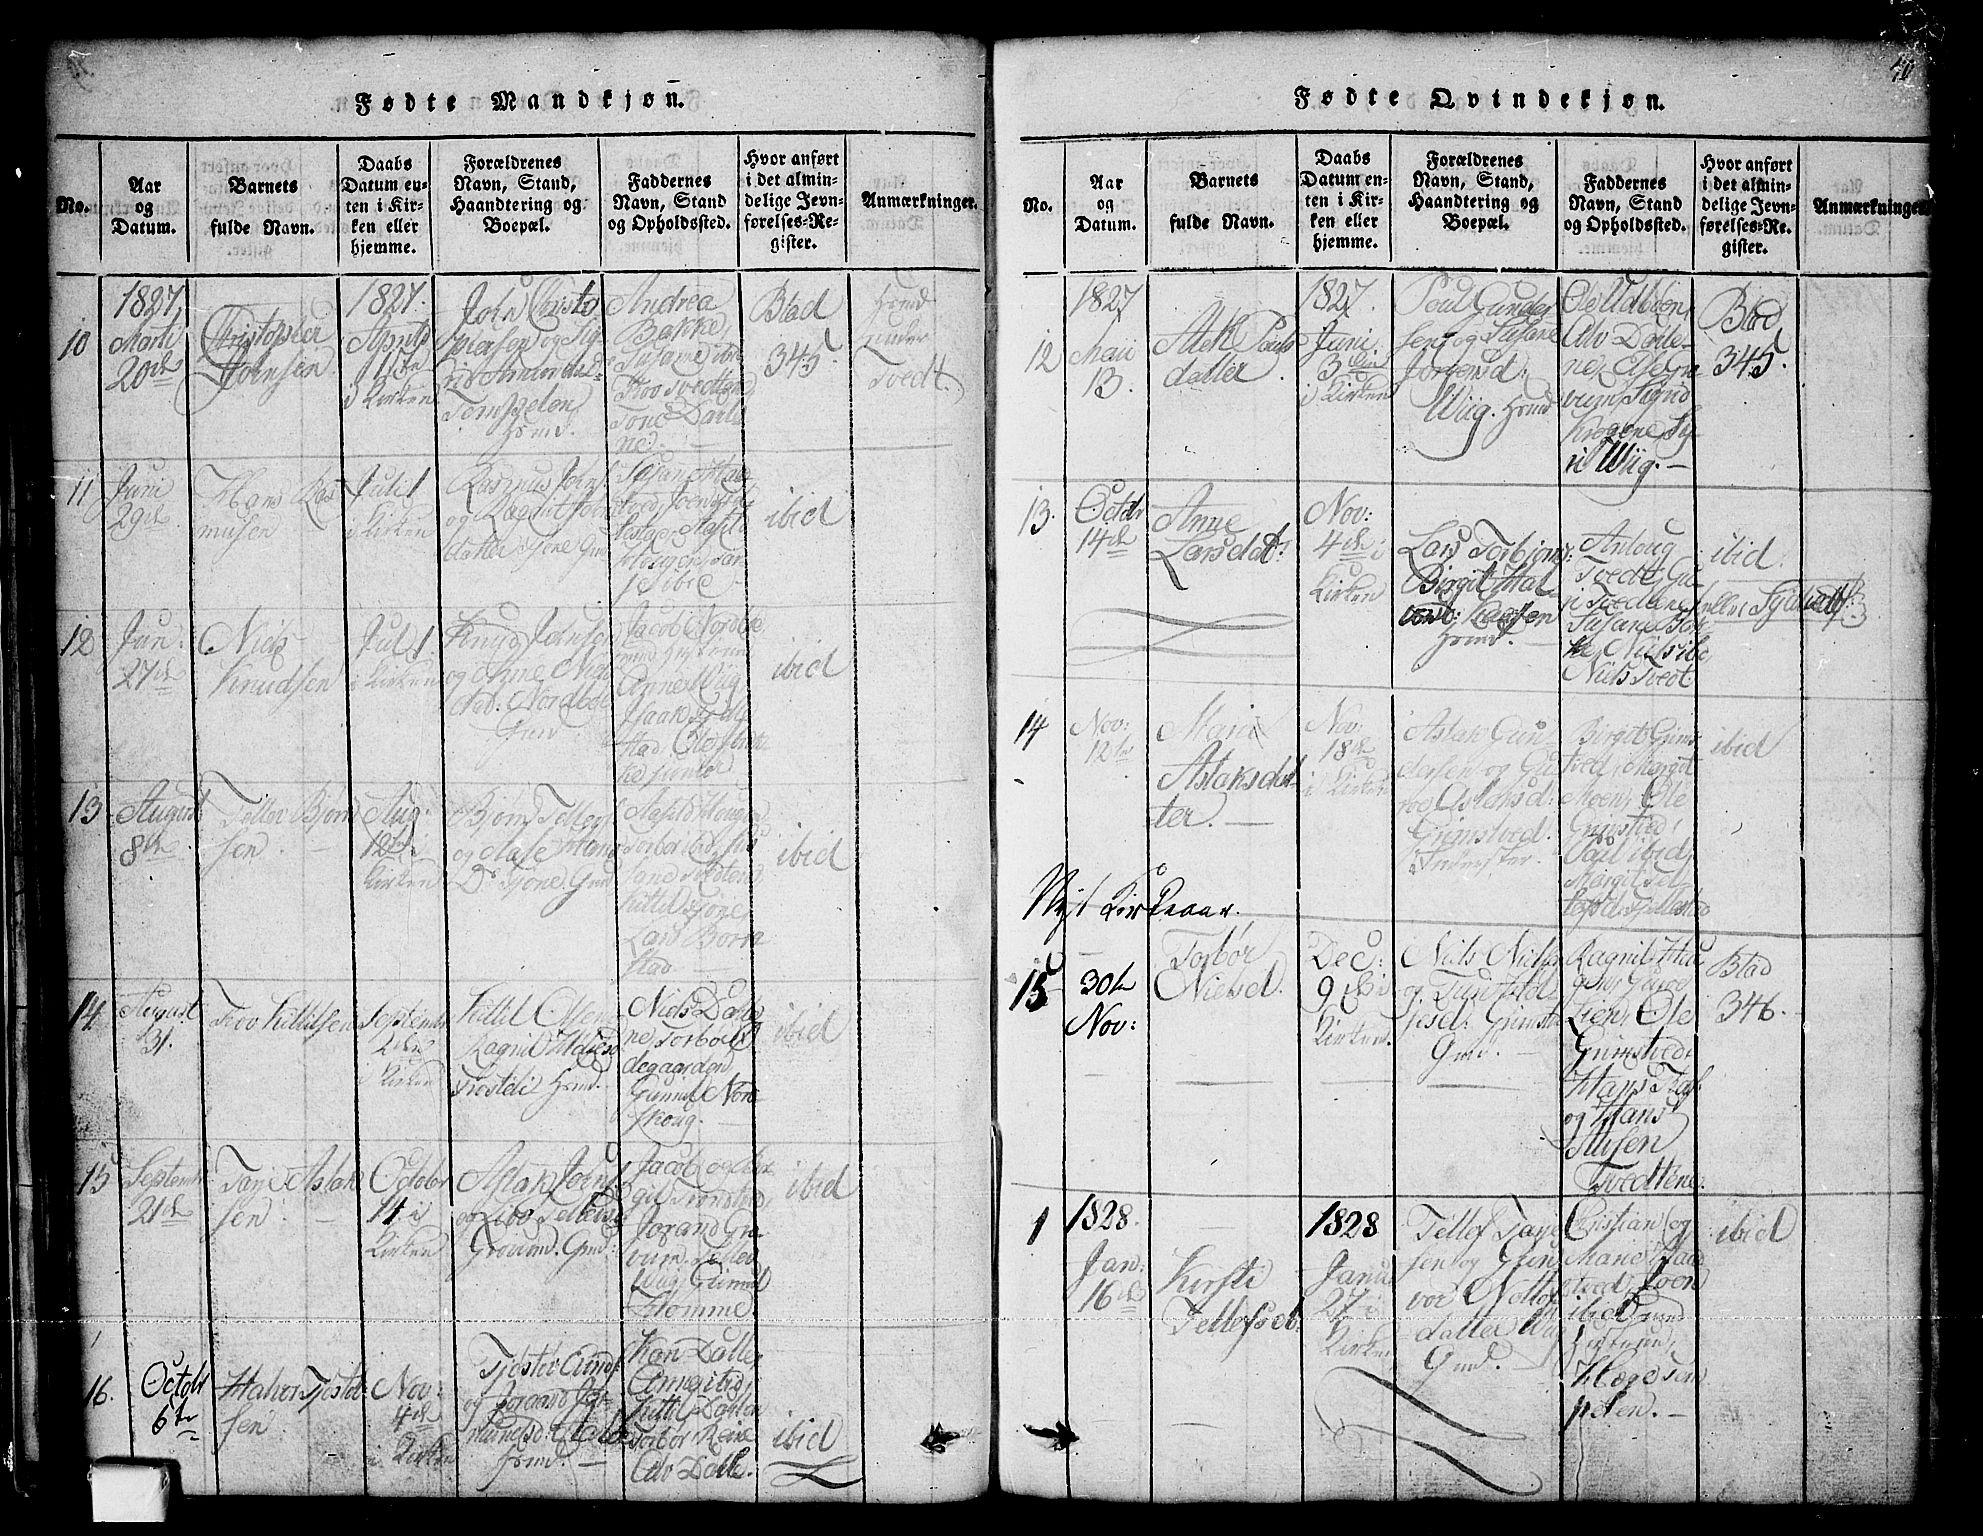 SAKO, Nissedal kirkebøker, G/Ga/L0001: Klokkerbok nr. I 1, 1814-1860, s. 40